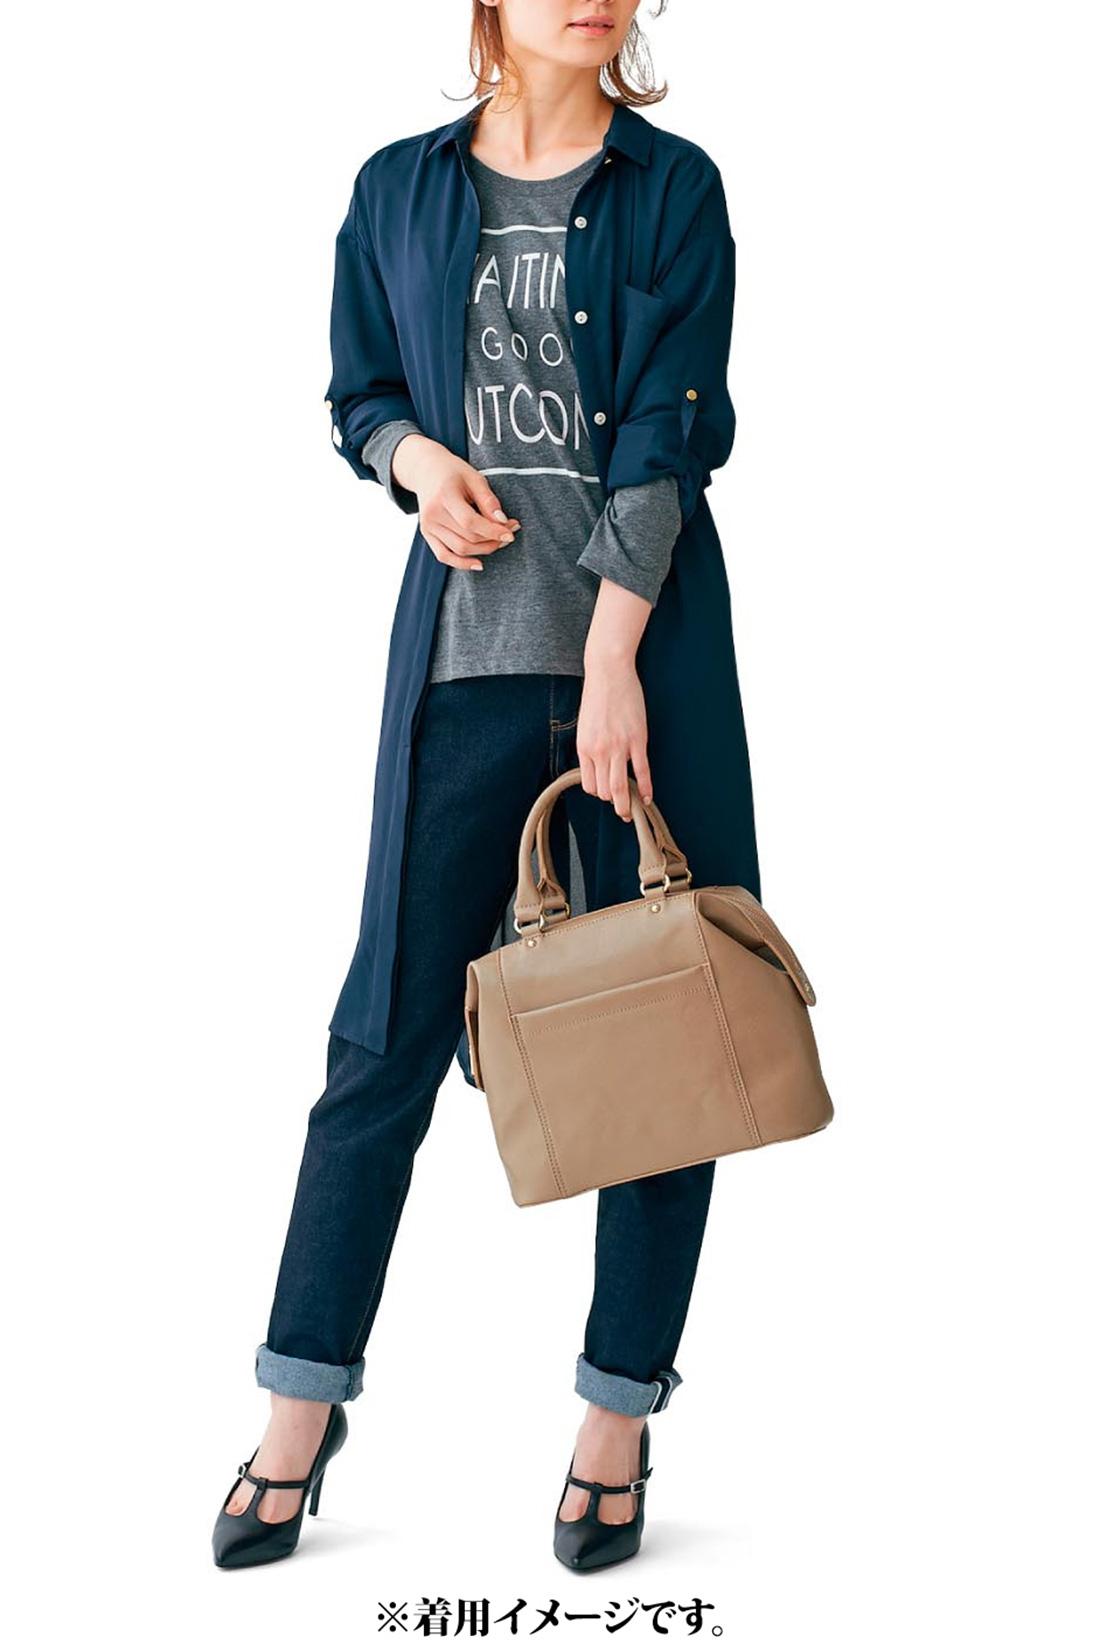 女子会やデートにぴったり トレンドのスクエアなボストンで、着こなしをアップデート! カジュアルな装いも上品に格上げ。